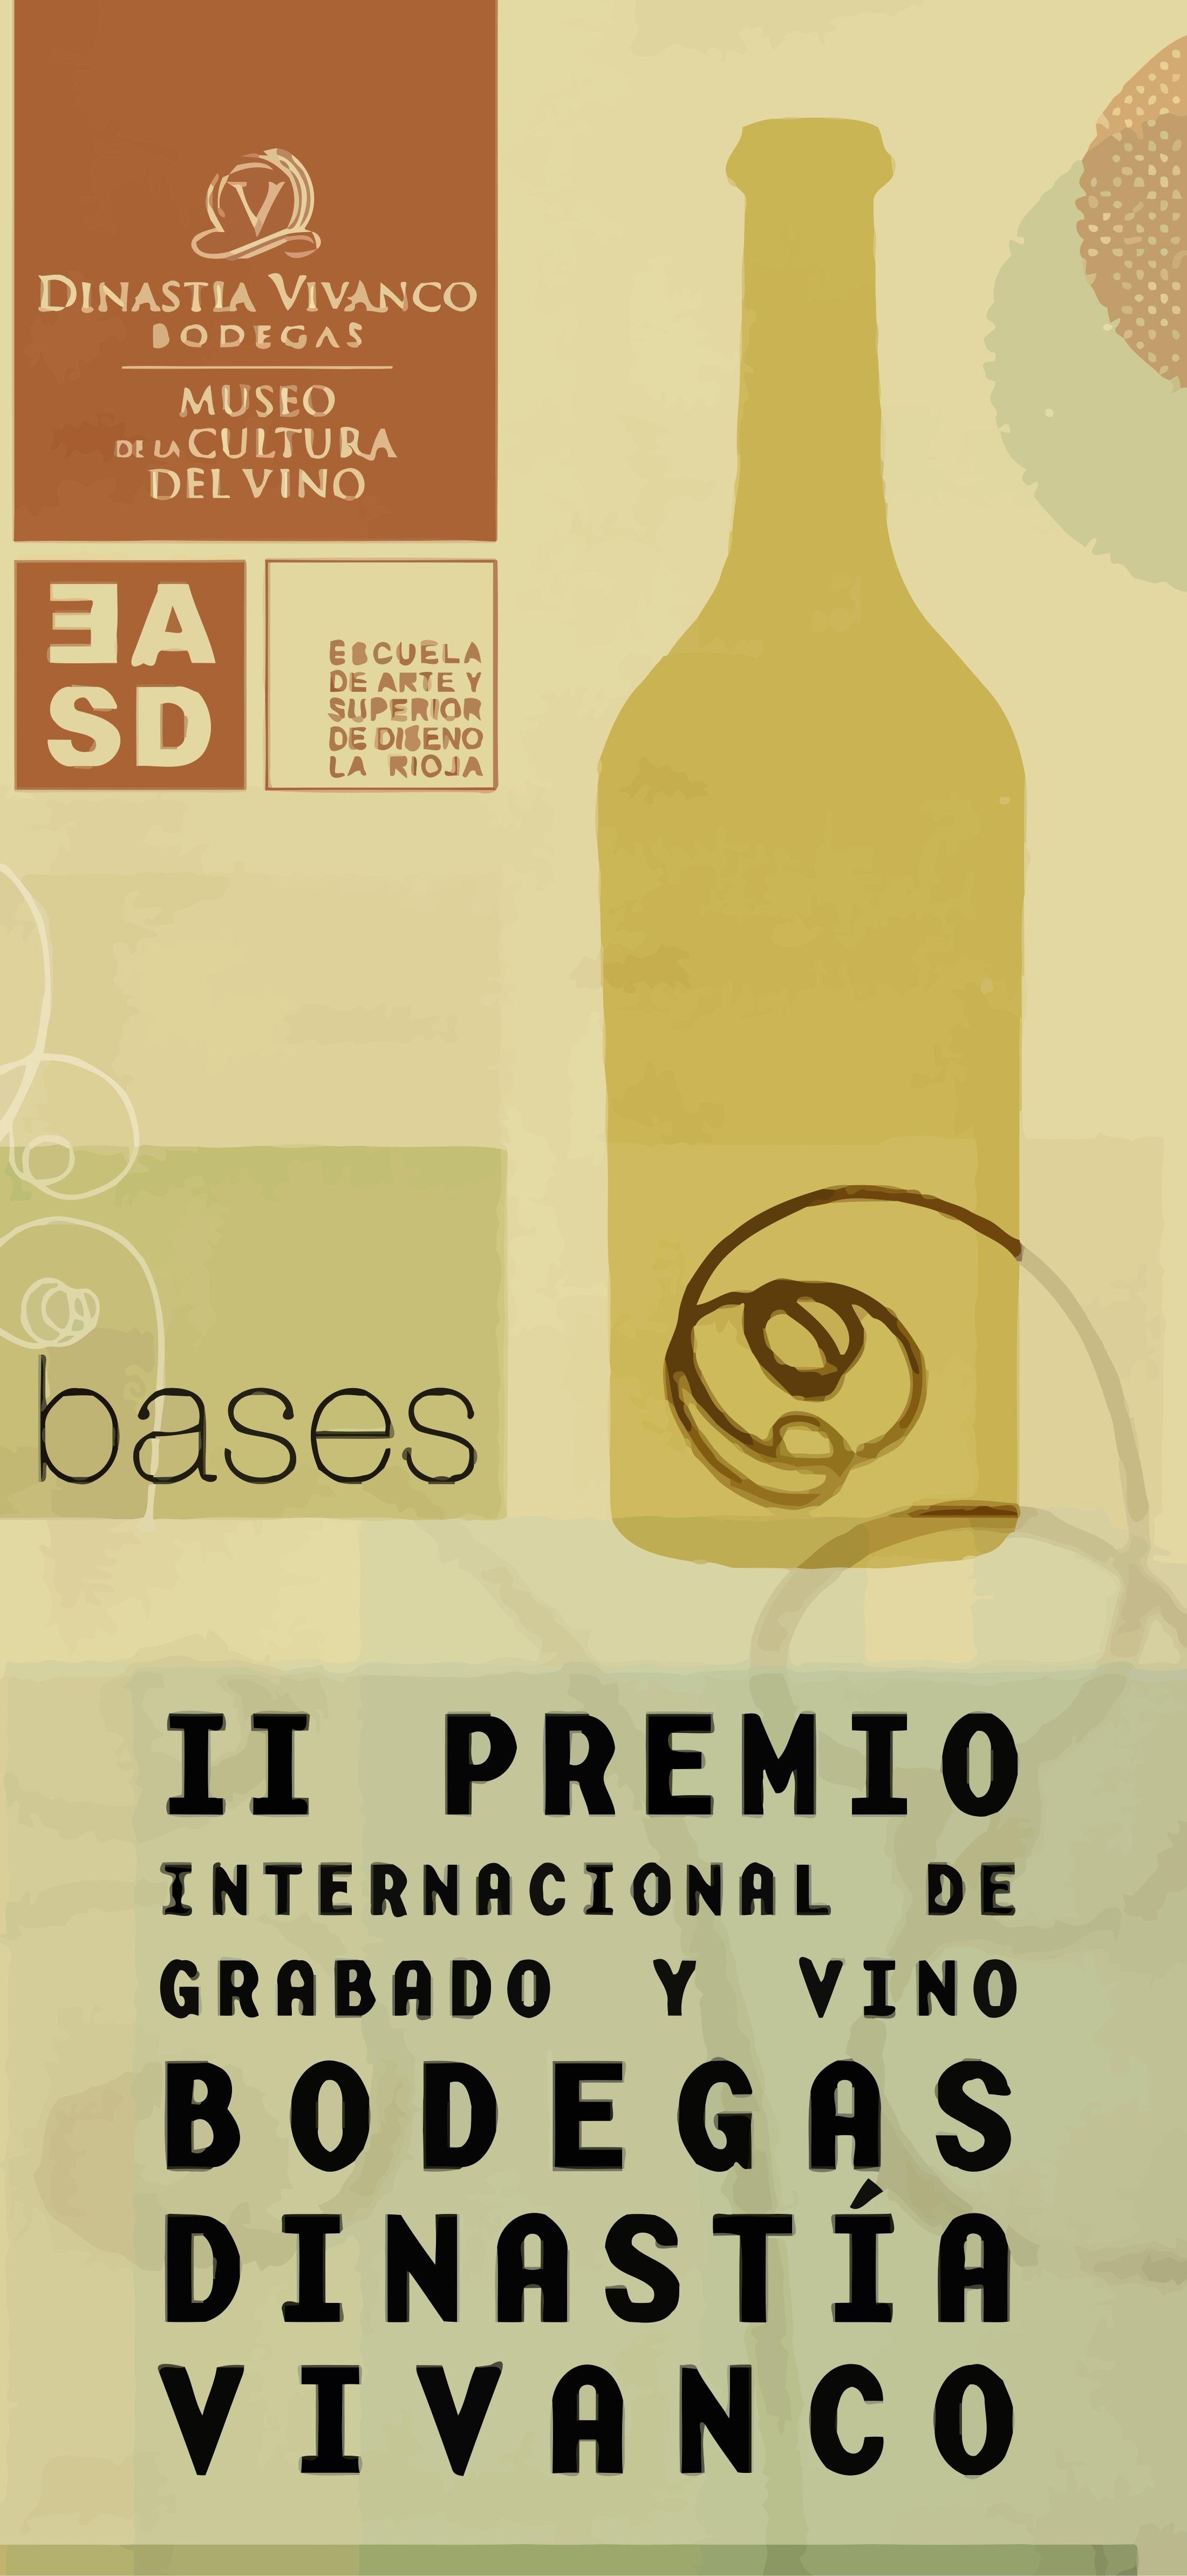 Premio de Grabado y Vino Bodegas Dinastía Vivanco